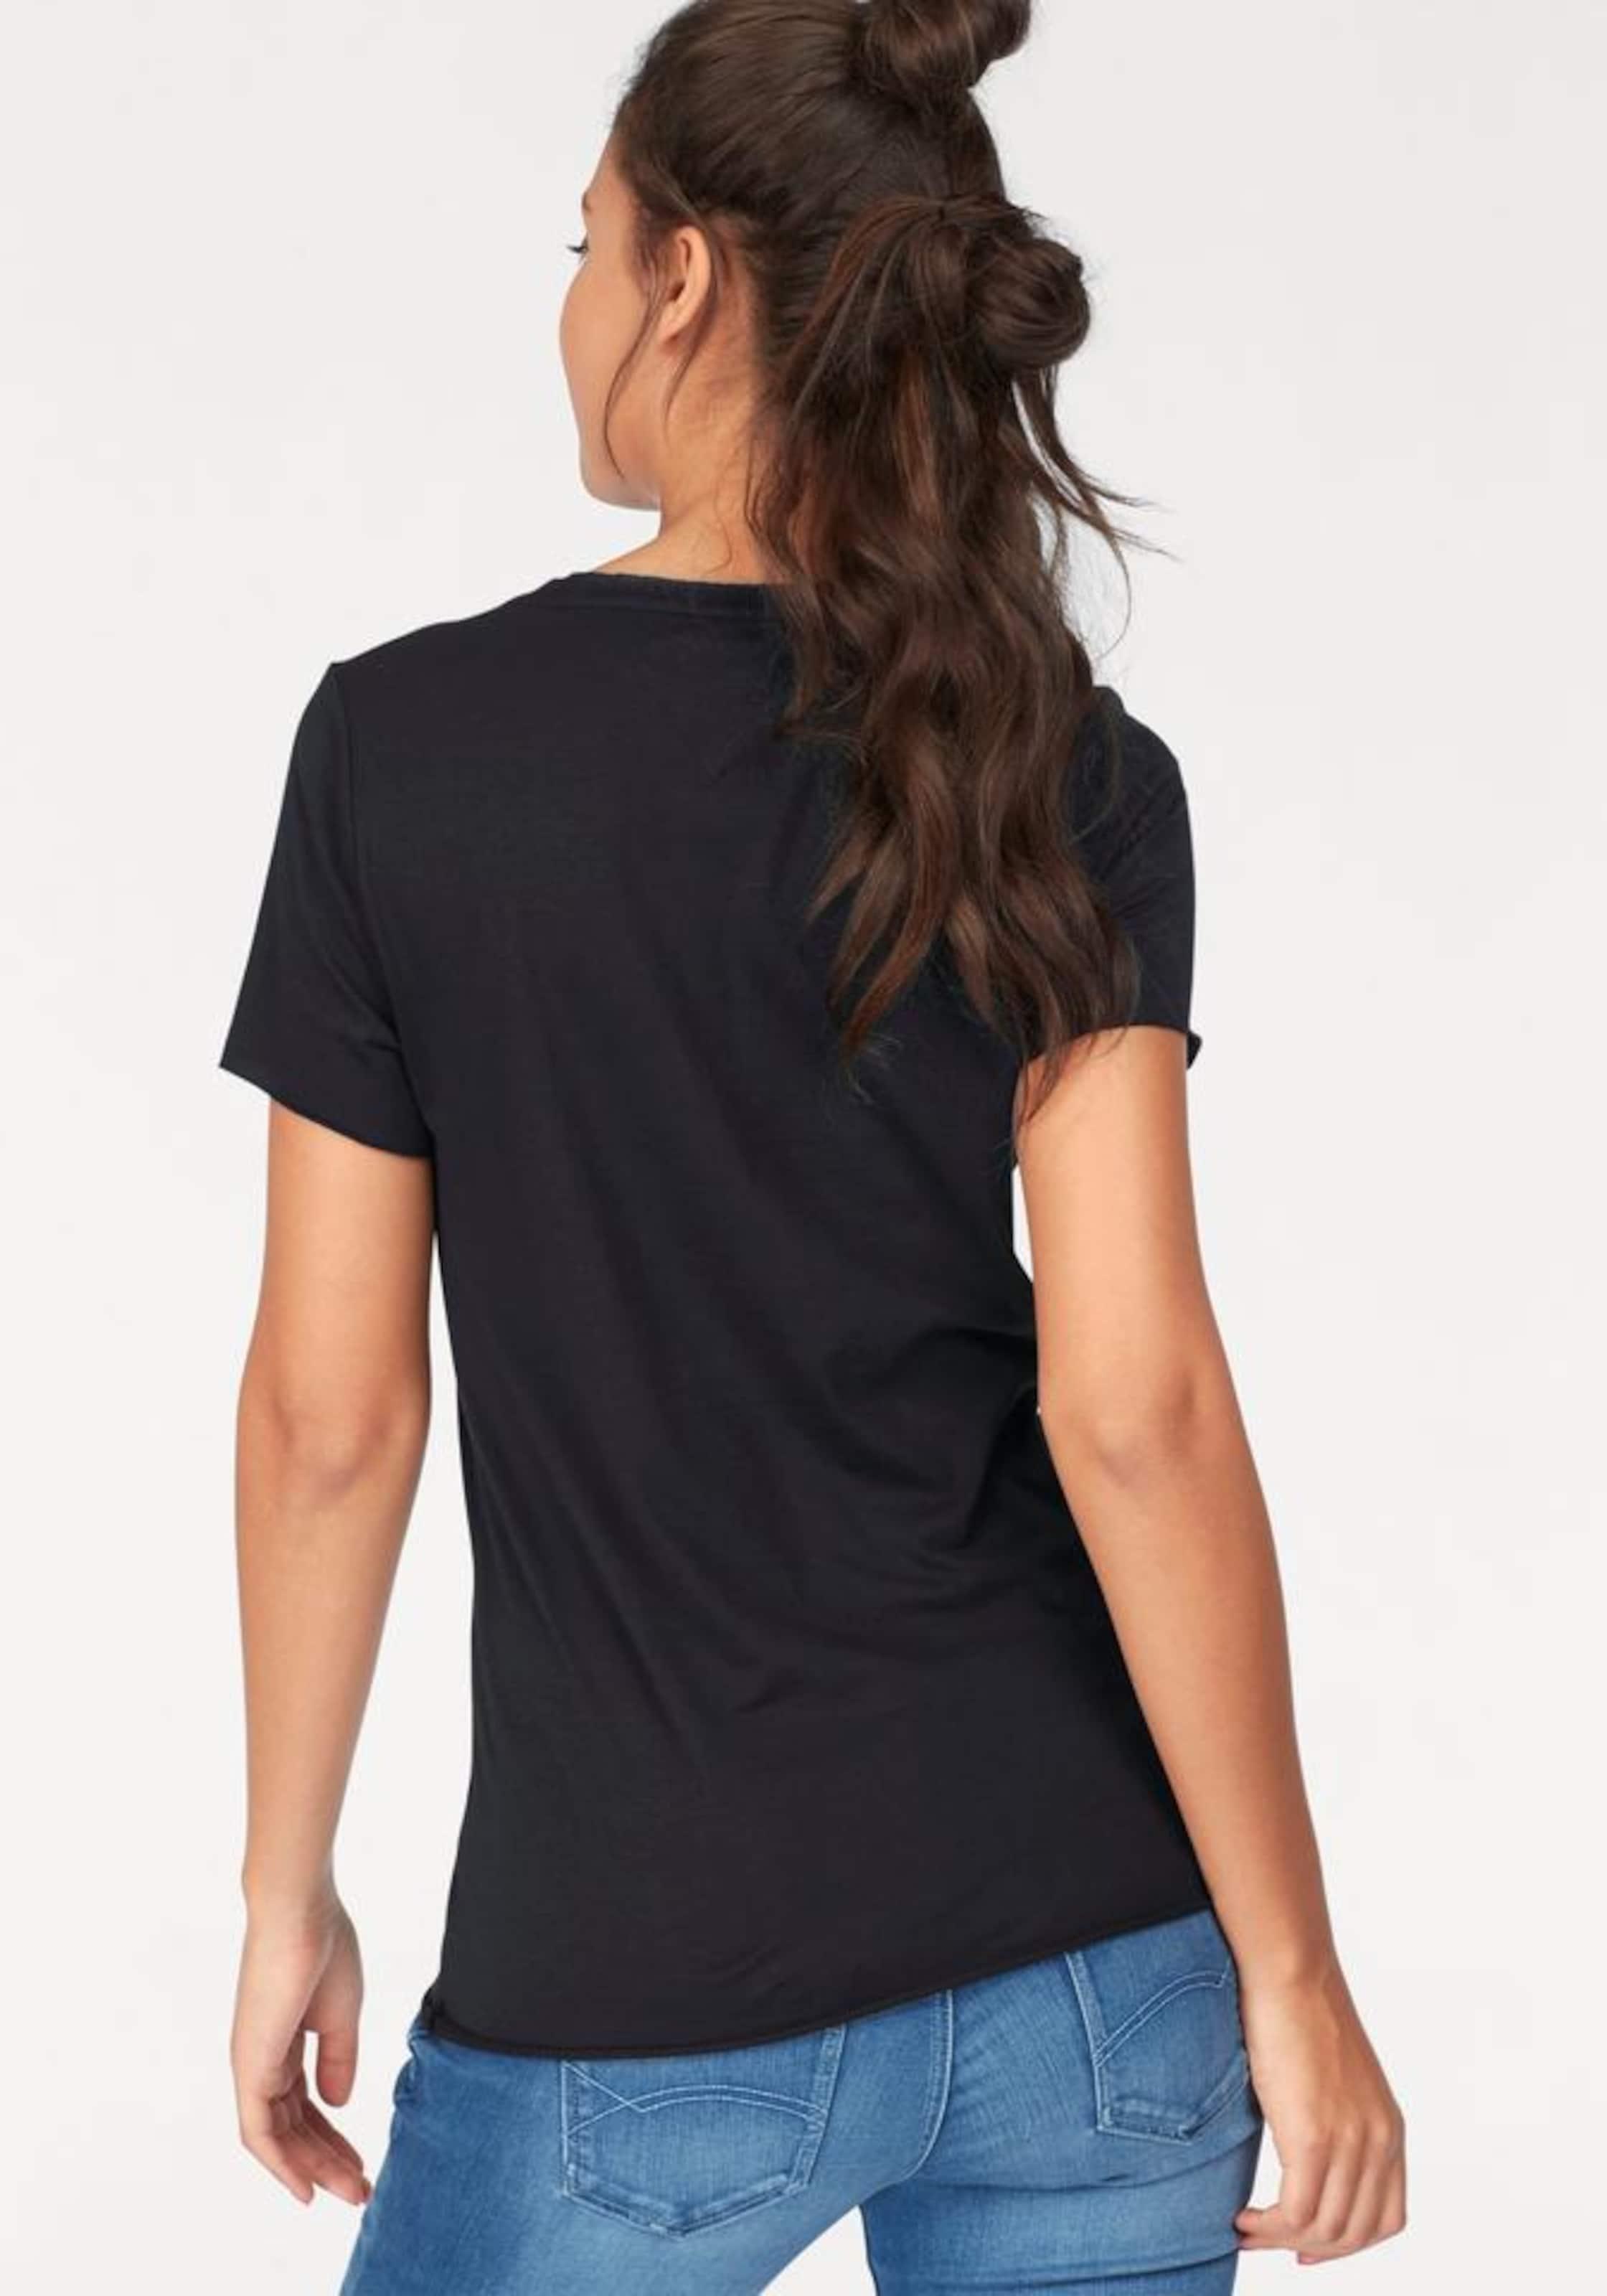 Kaufen Angebot Billig Einkaufen Marktfähig Zu Verkaufen Tommy Jeans Hilfiger Denim Rundhalsshirt 3vakW3dM6U